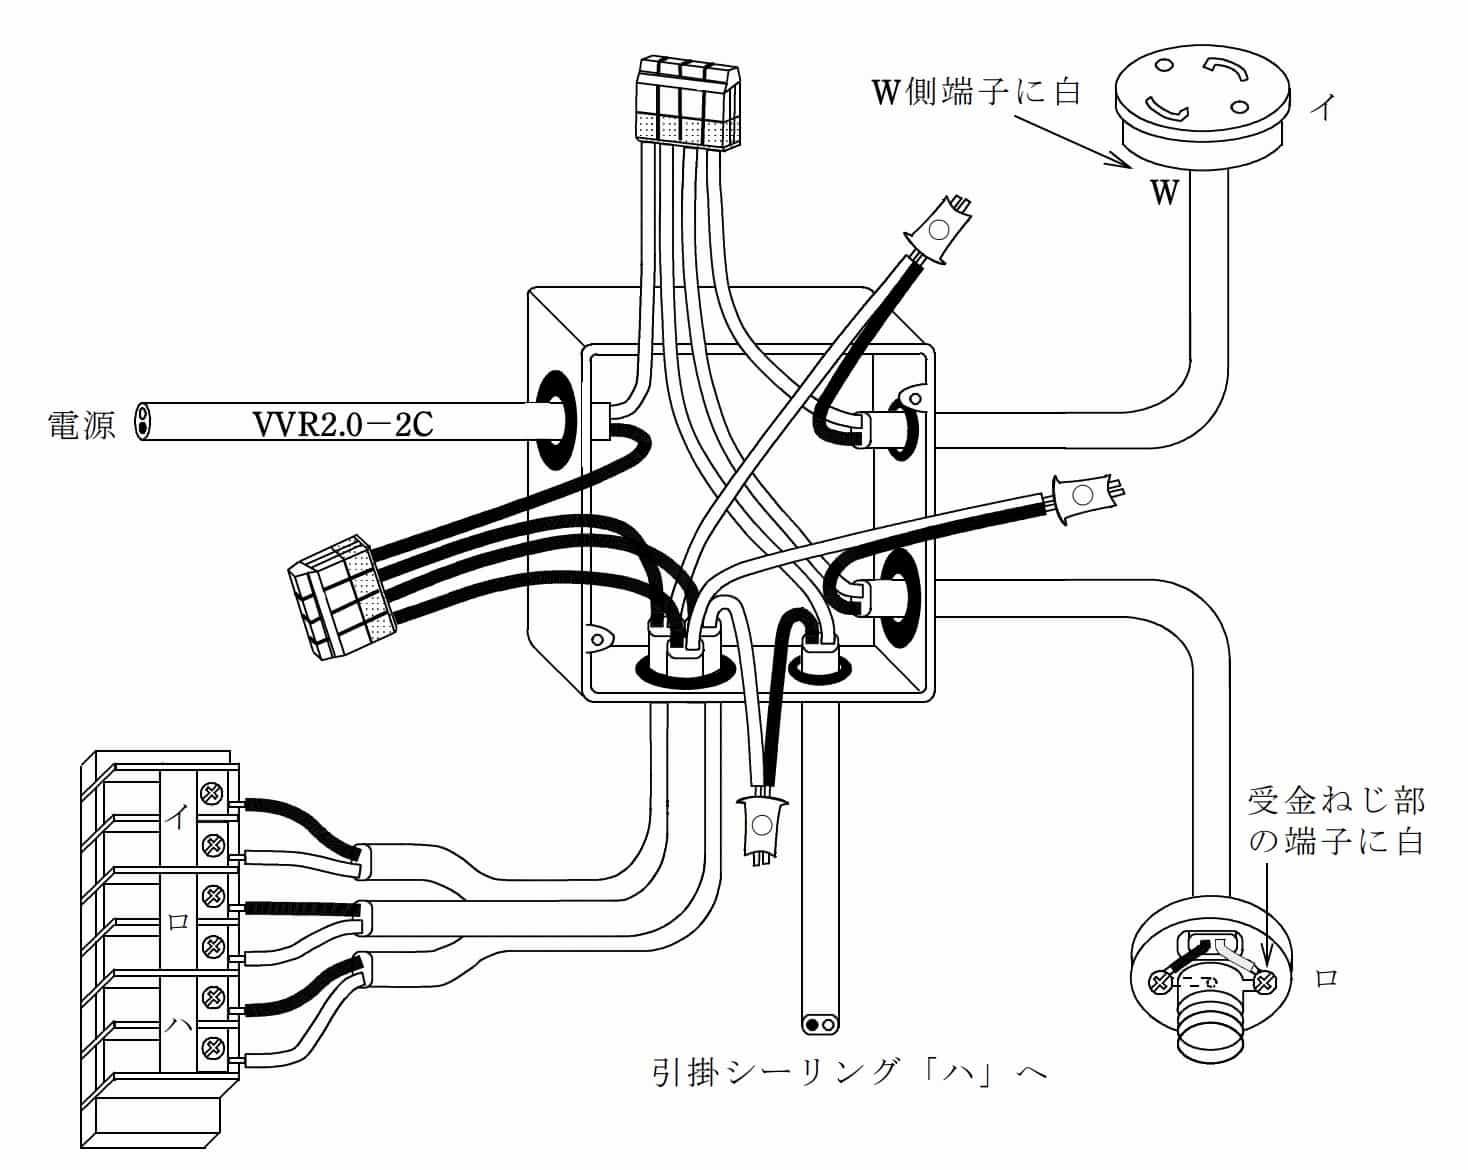 第二種電気工事士の技能試験の試験問題No.8の概念図